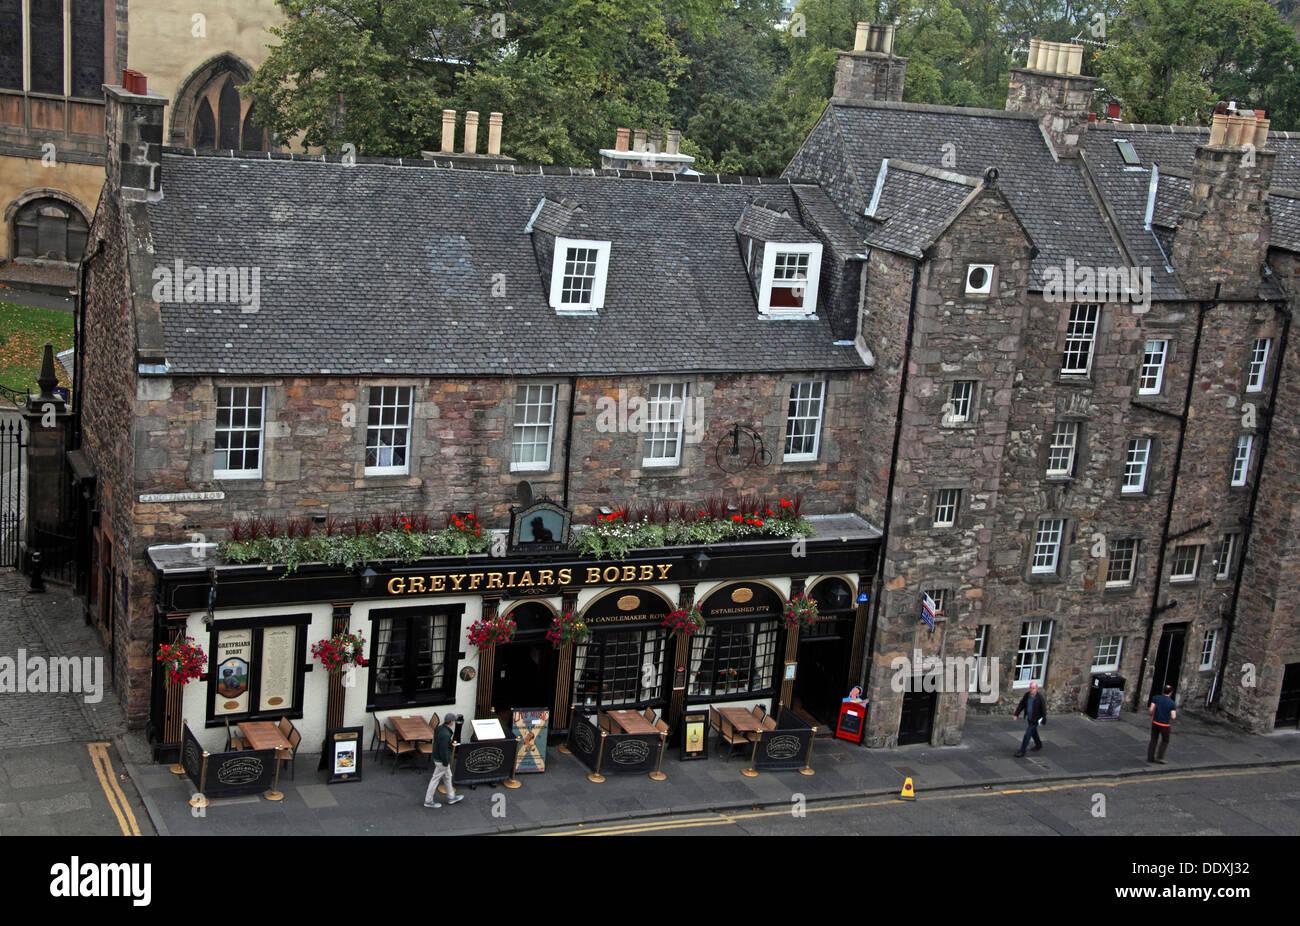 Laden Sie dieses Alamy Stockfoto Auf Greyfriars Bobby Pub von oben, die Hauptstadt Edinburgh, Schottland Großbritannien - DDXJ32